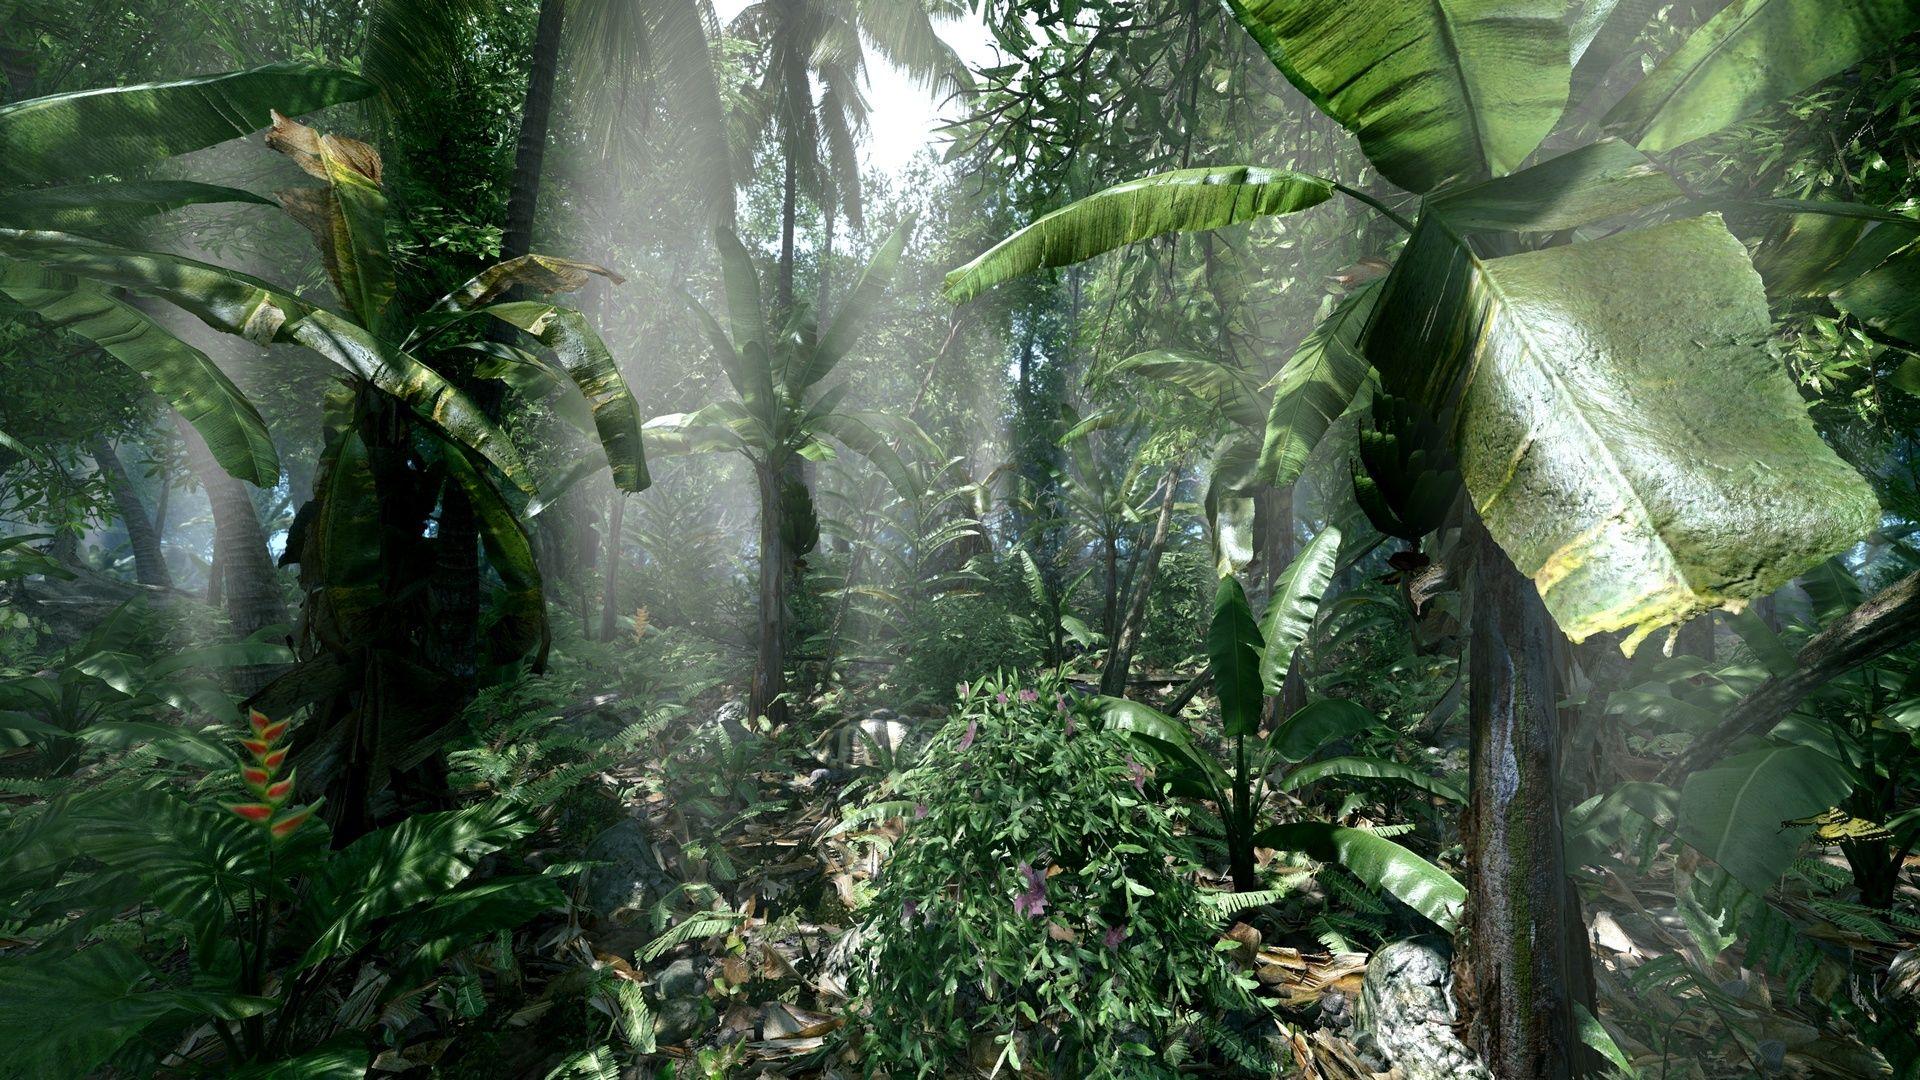 фото джунглей на рабочий стол можно приступить